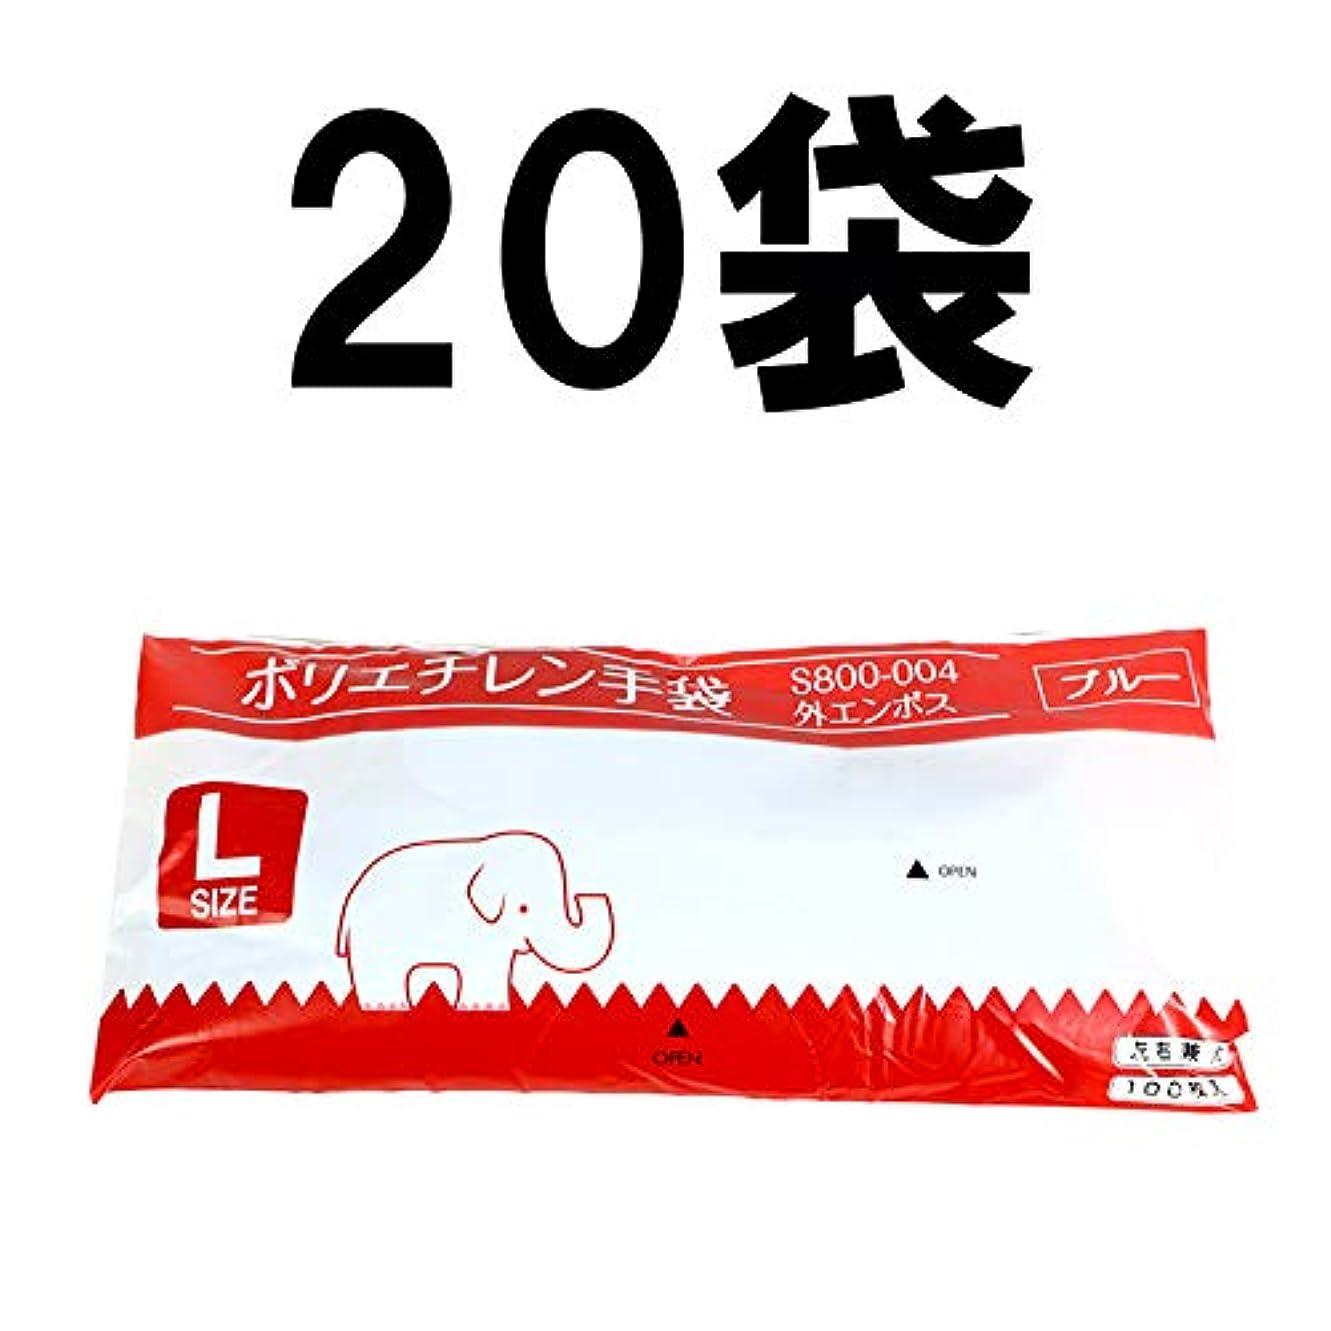 常習的砂サンダー(2000枚) 使い捨て ポリエチレン手袋 Lサイズ 100枚入り×20BOX ブルー色 左右兼用 外エンボス 食品衛生法適合品